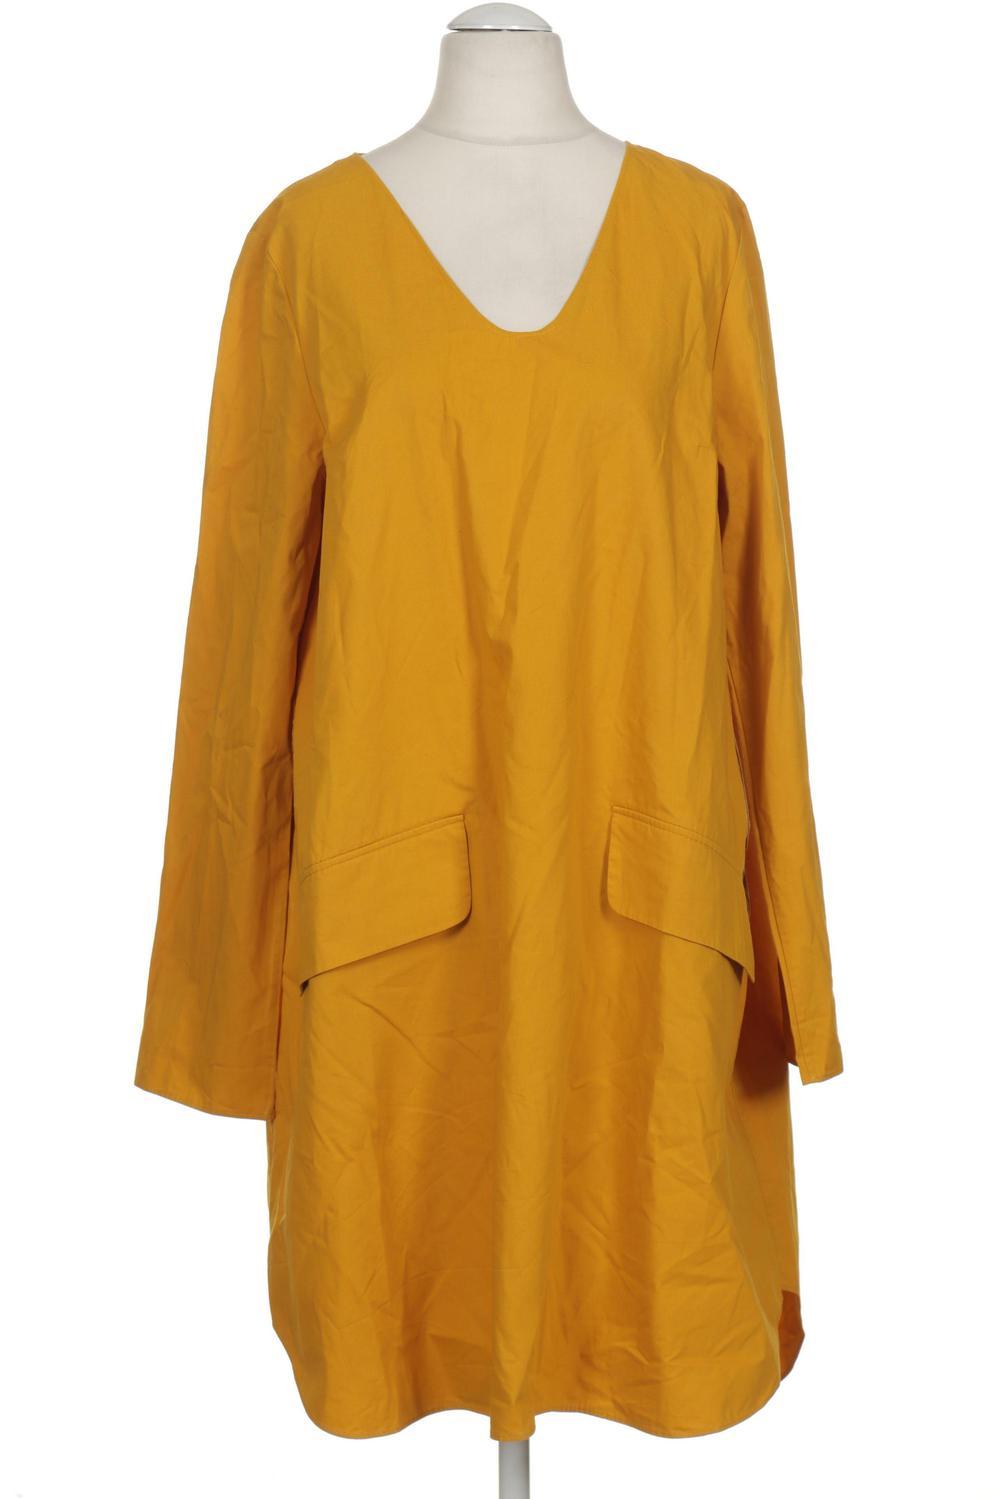 Kleid gelb cos